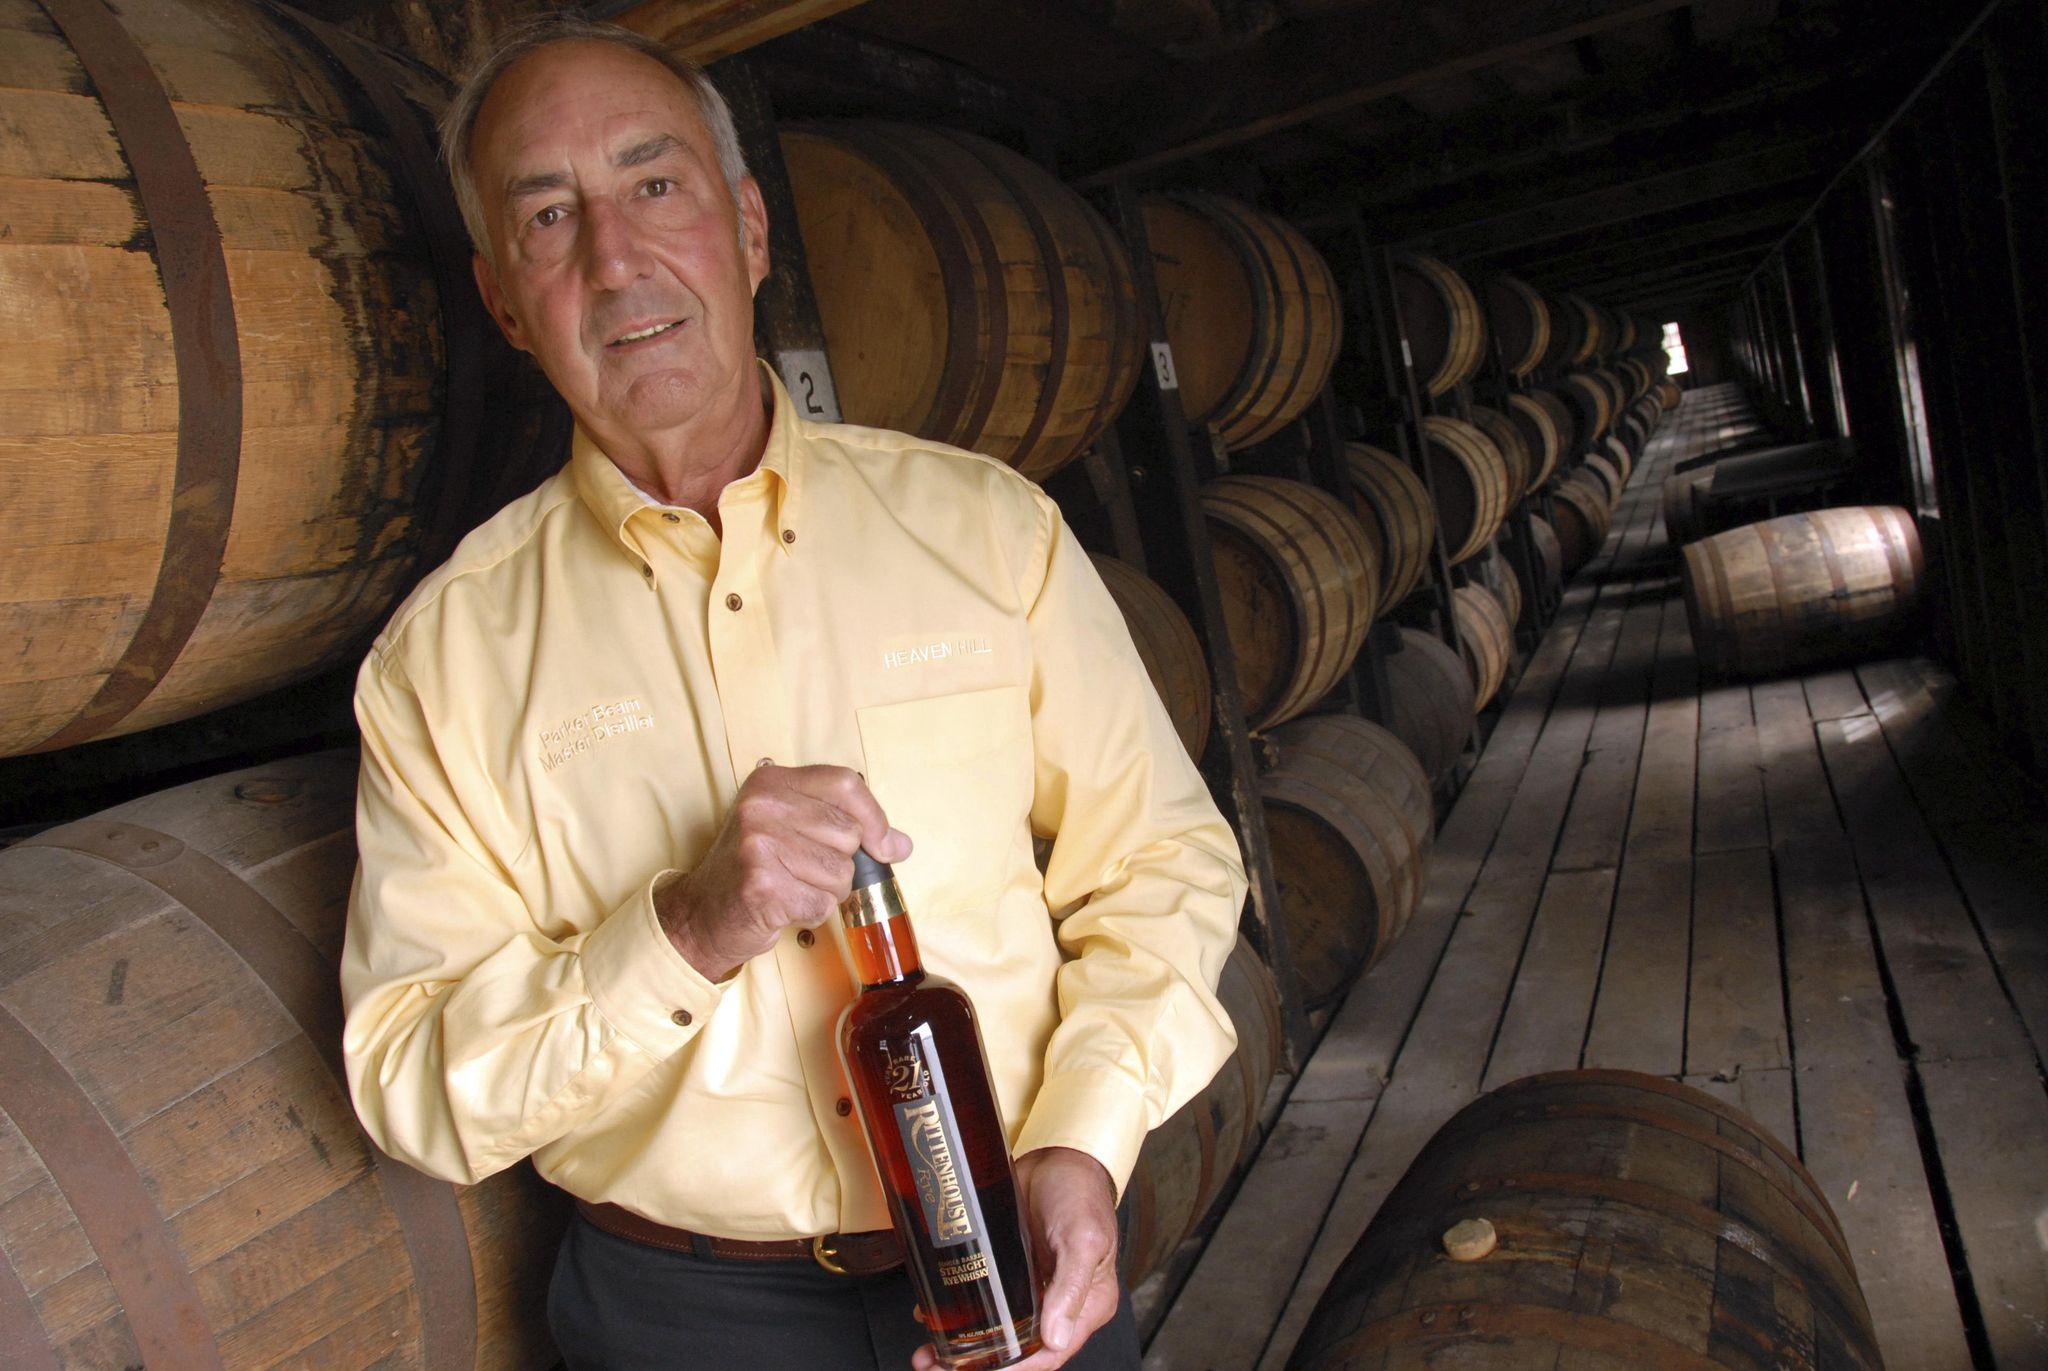 Parker Beam, master distiller of Kentucky bourbon, dies